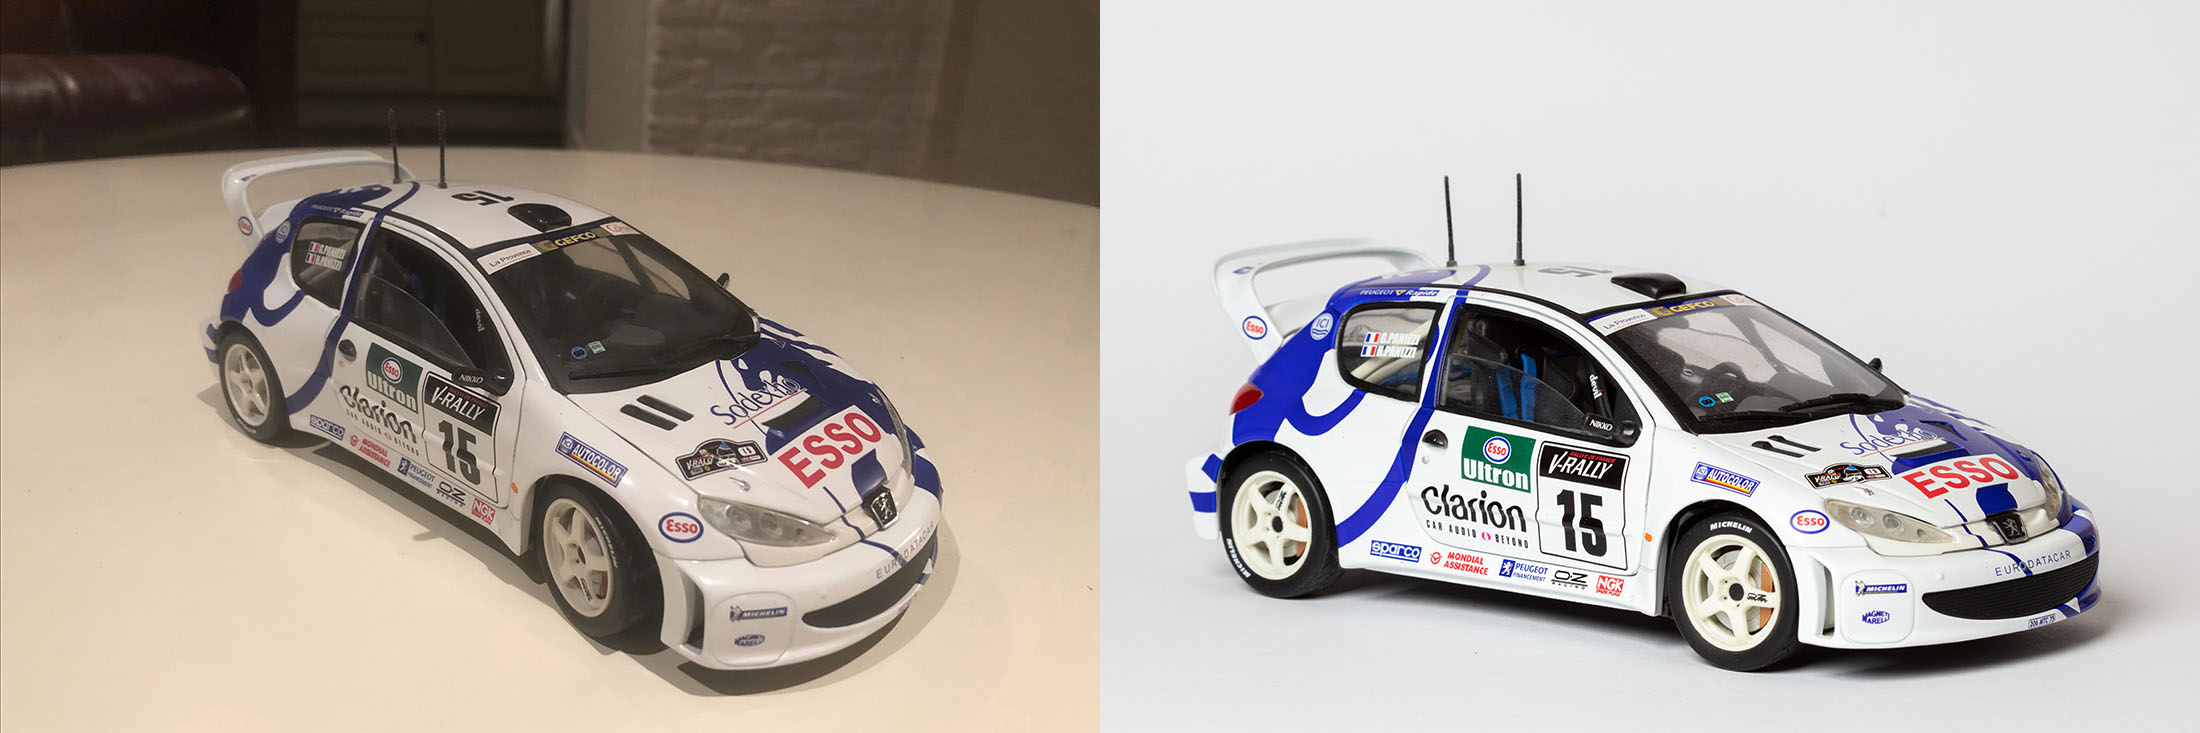 Een kiekje van een auto en een productofoto